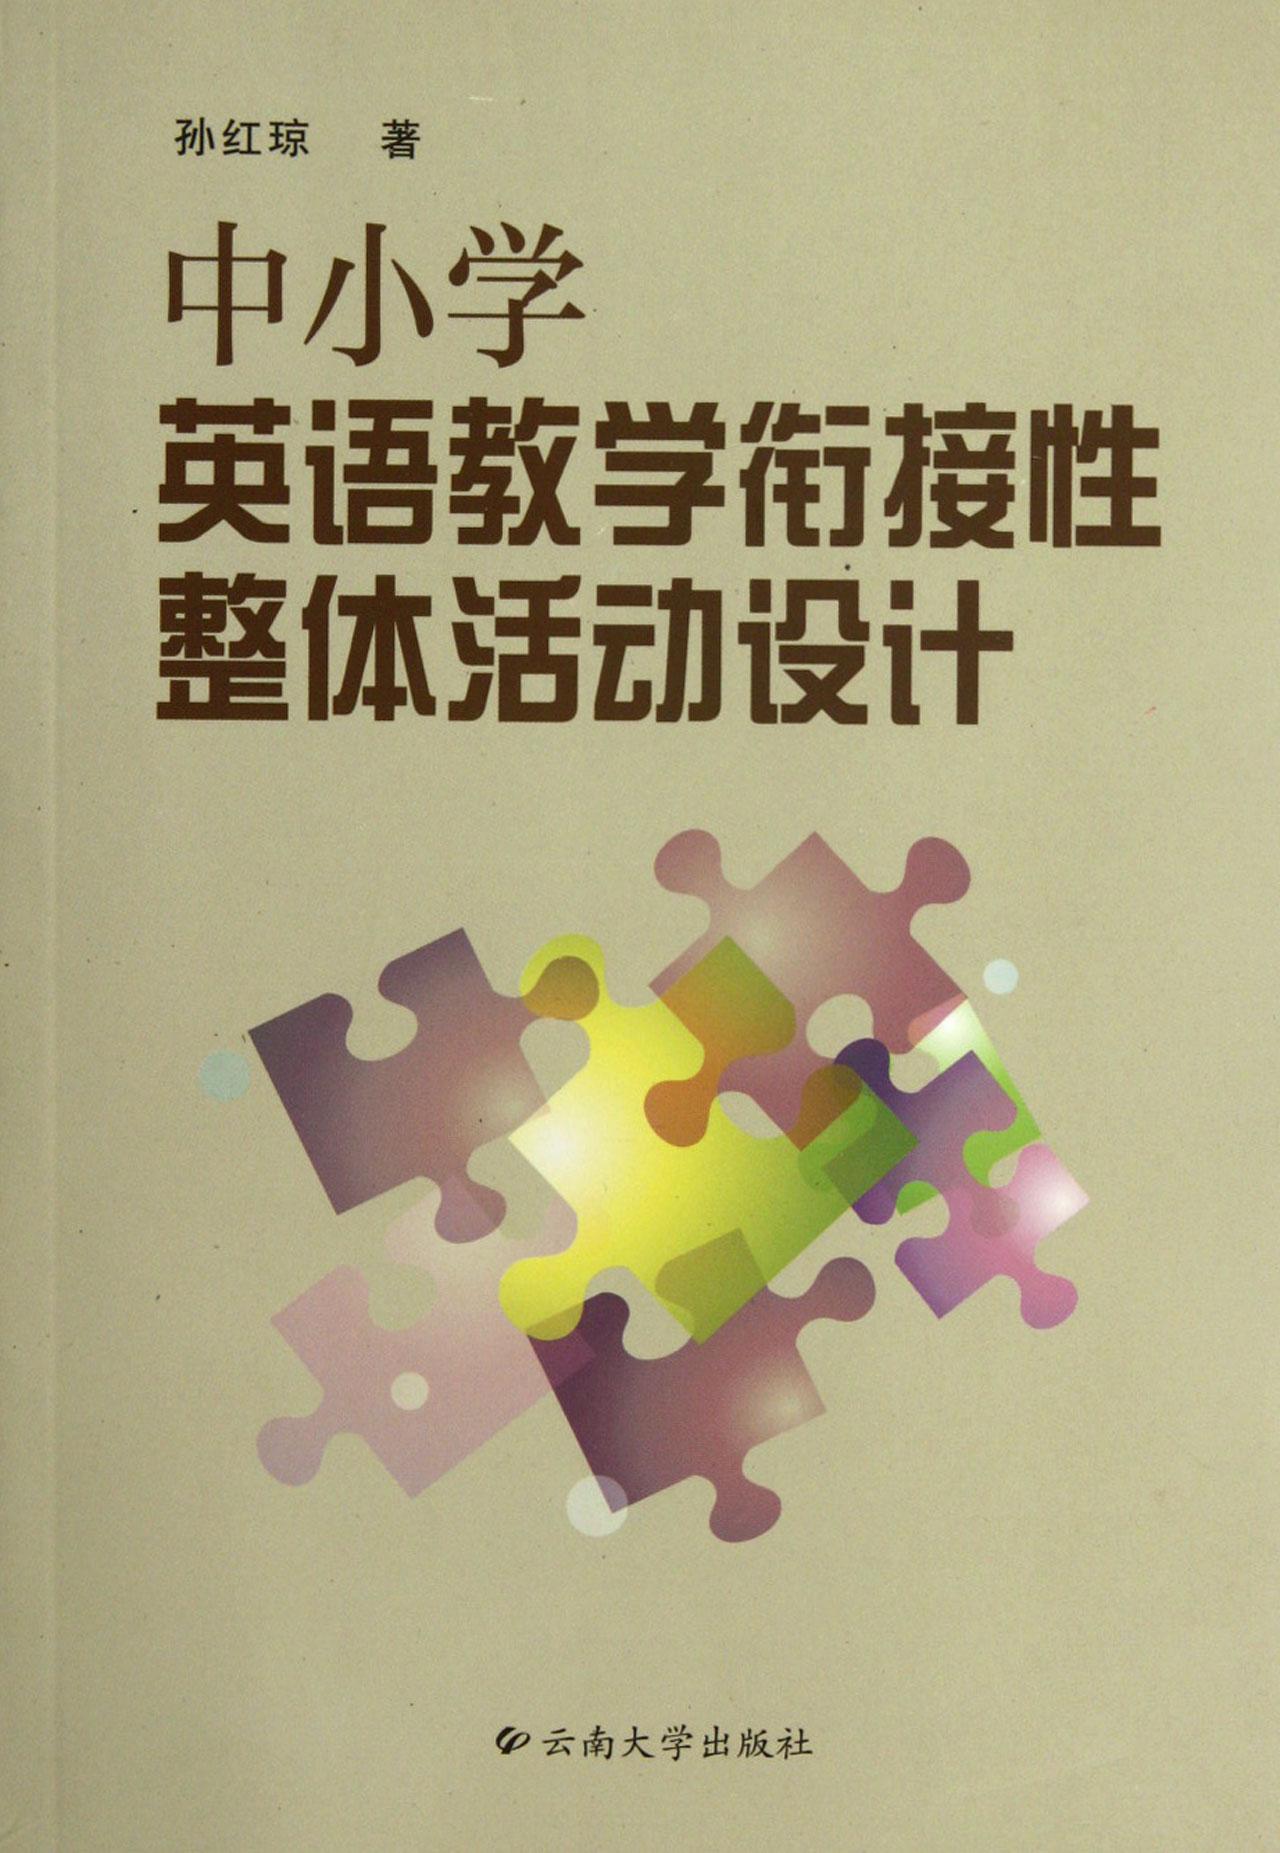 中小学英语教学衔接性整体活动设计